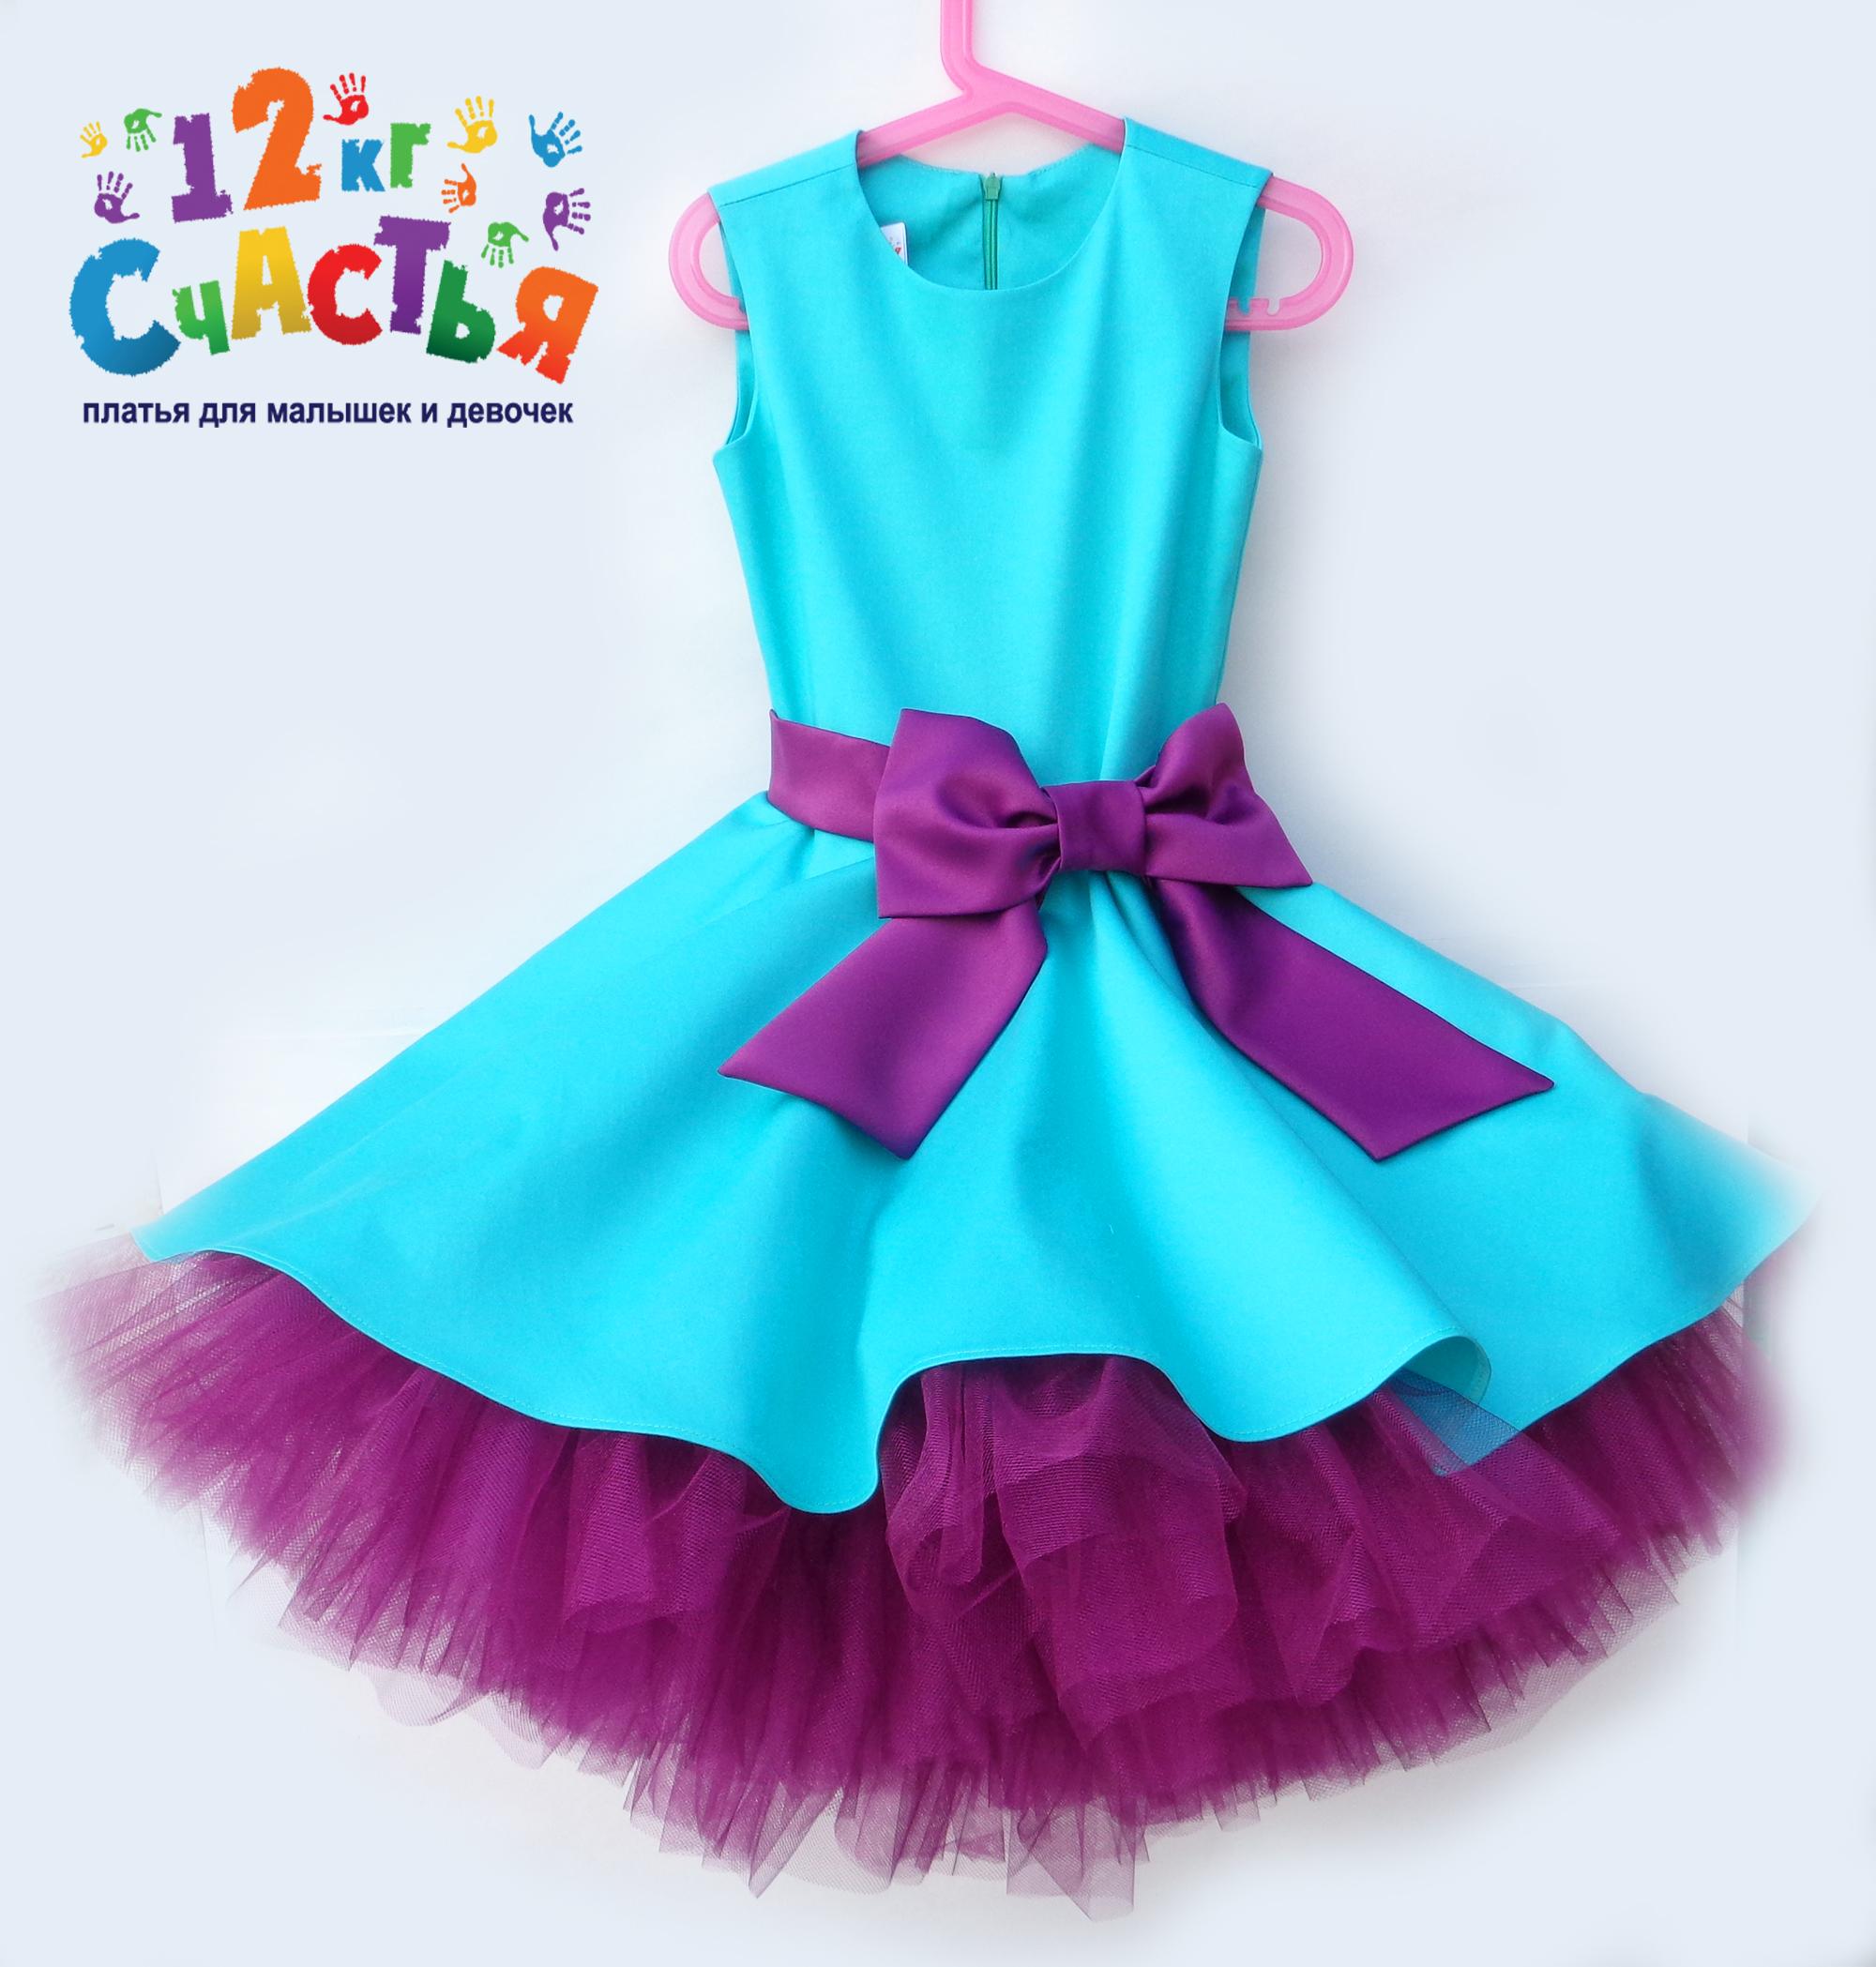 Купить Платье В Стиле Стиляги В Интернет Магазине Для Девочек